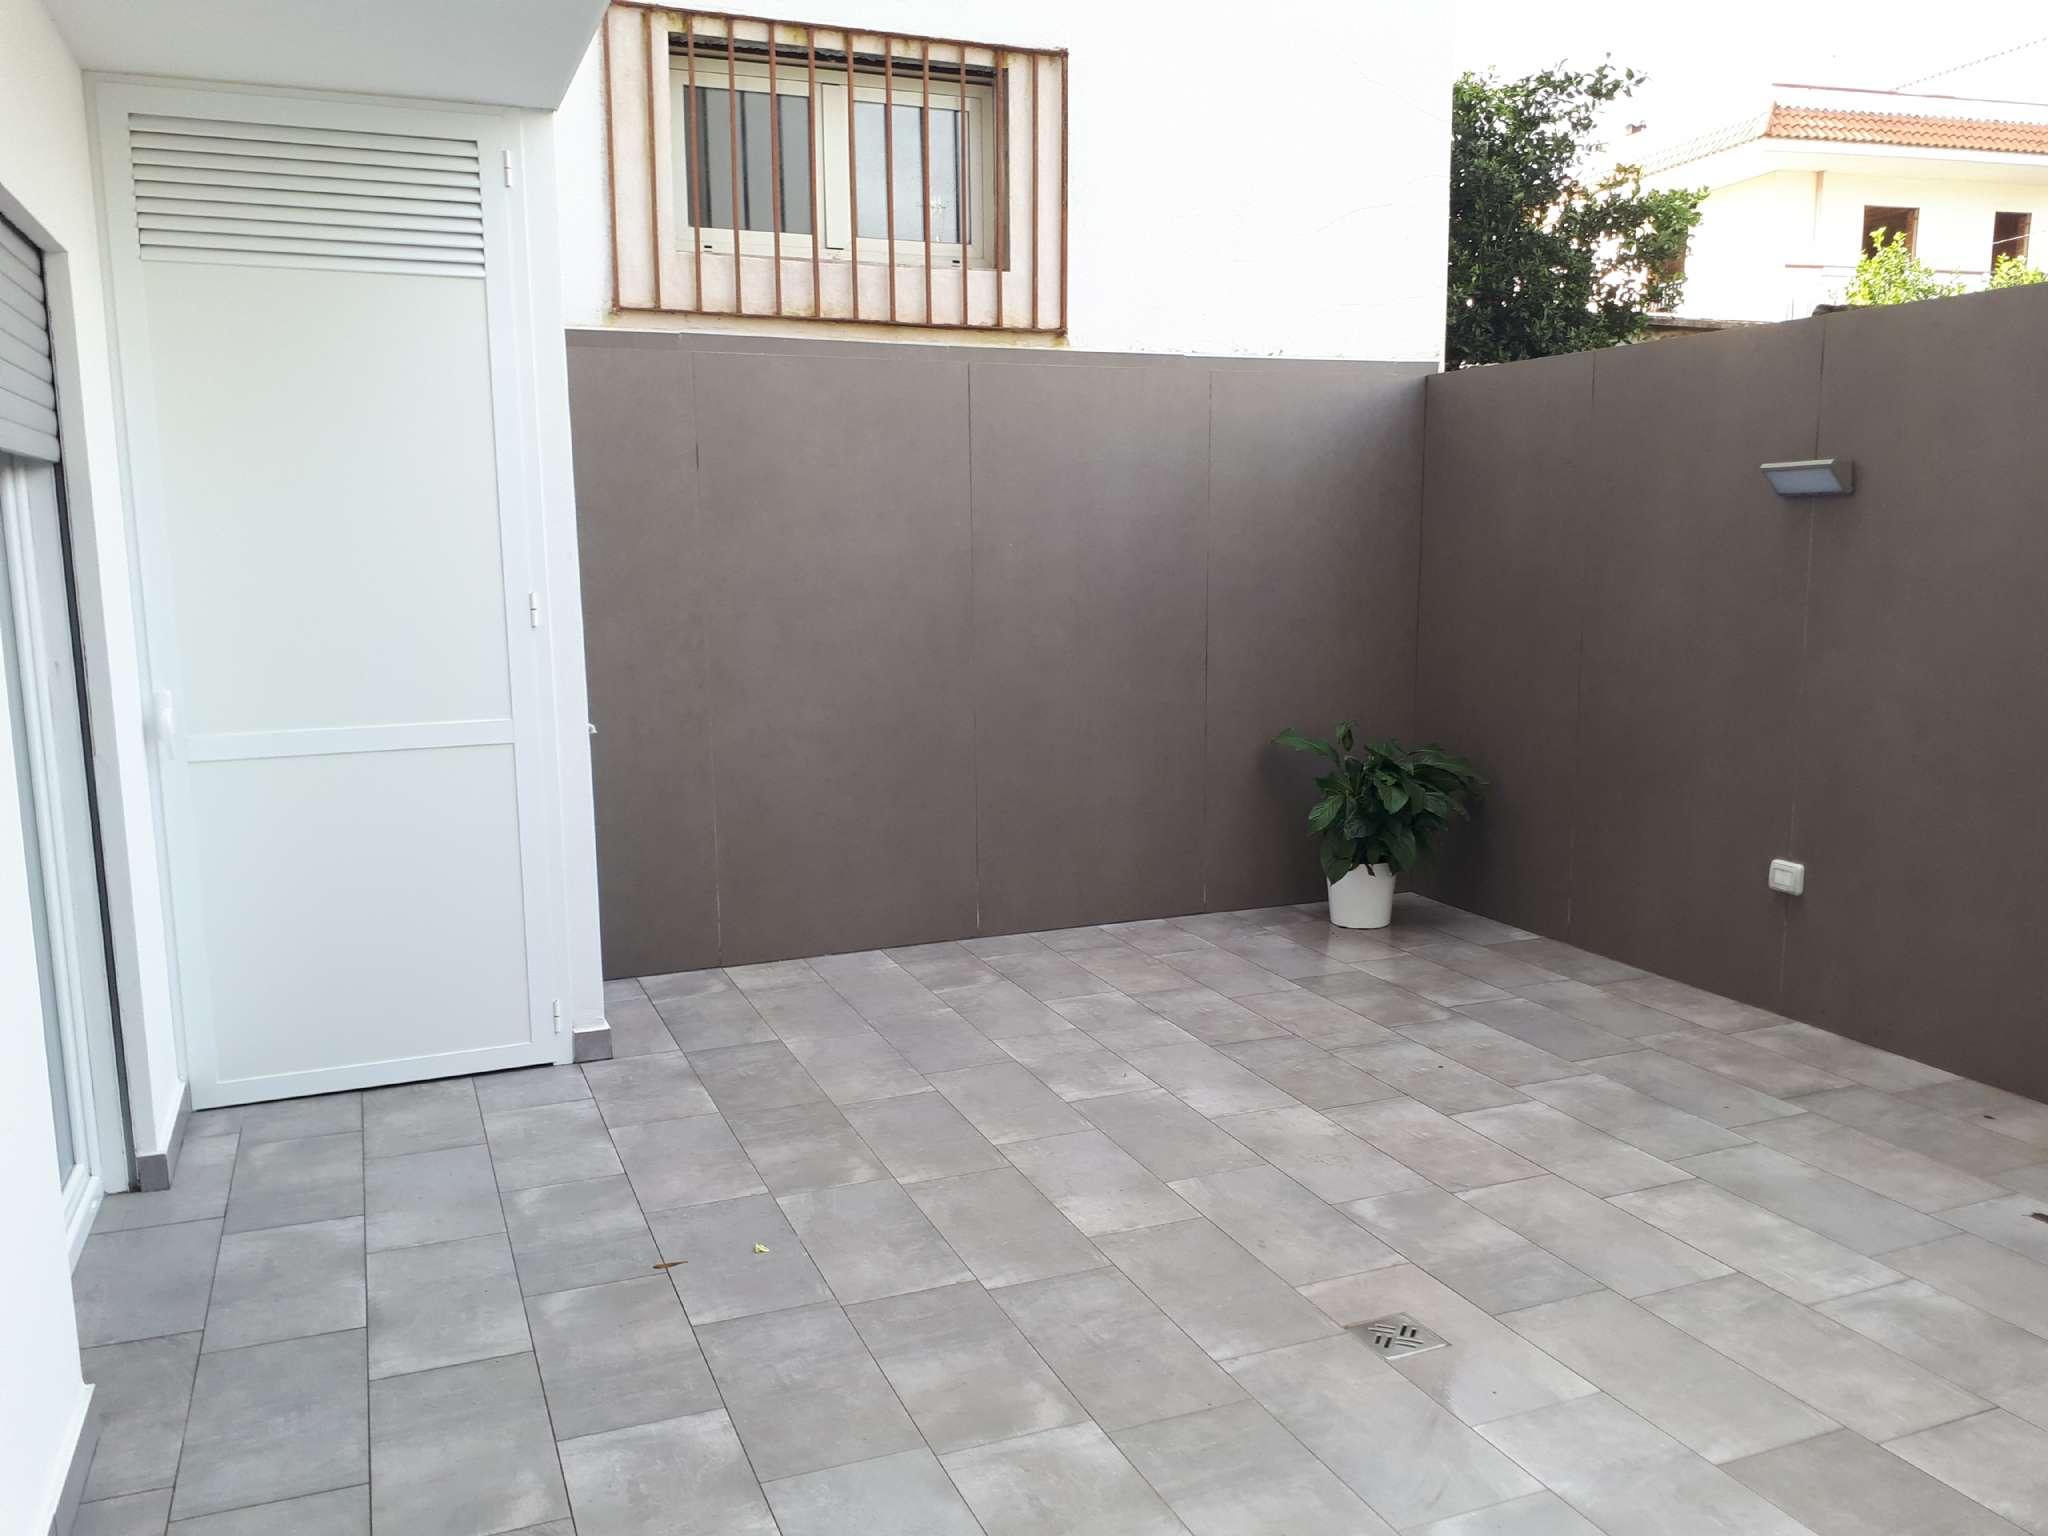 Appartamento in vendita a Nola, 6 locali, prezzo € 210.000 | PortaleAgenzieImmobiliari.it